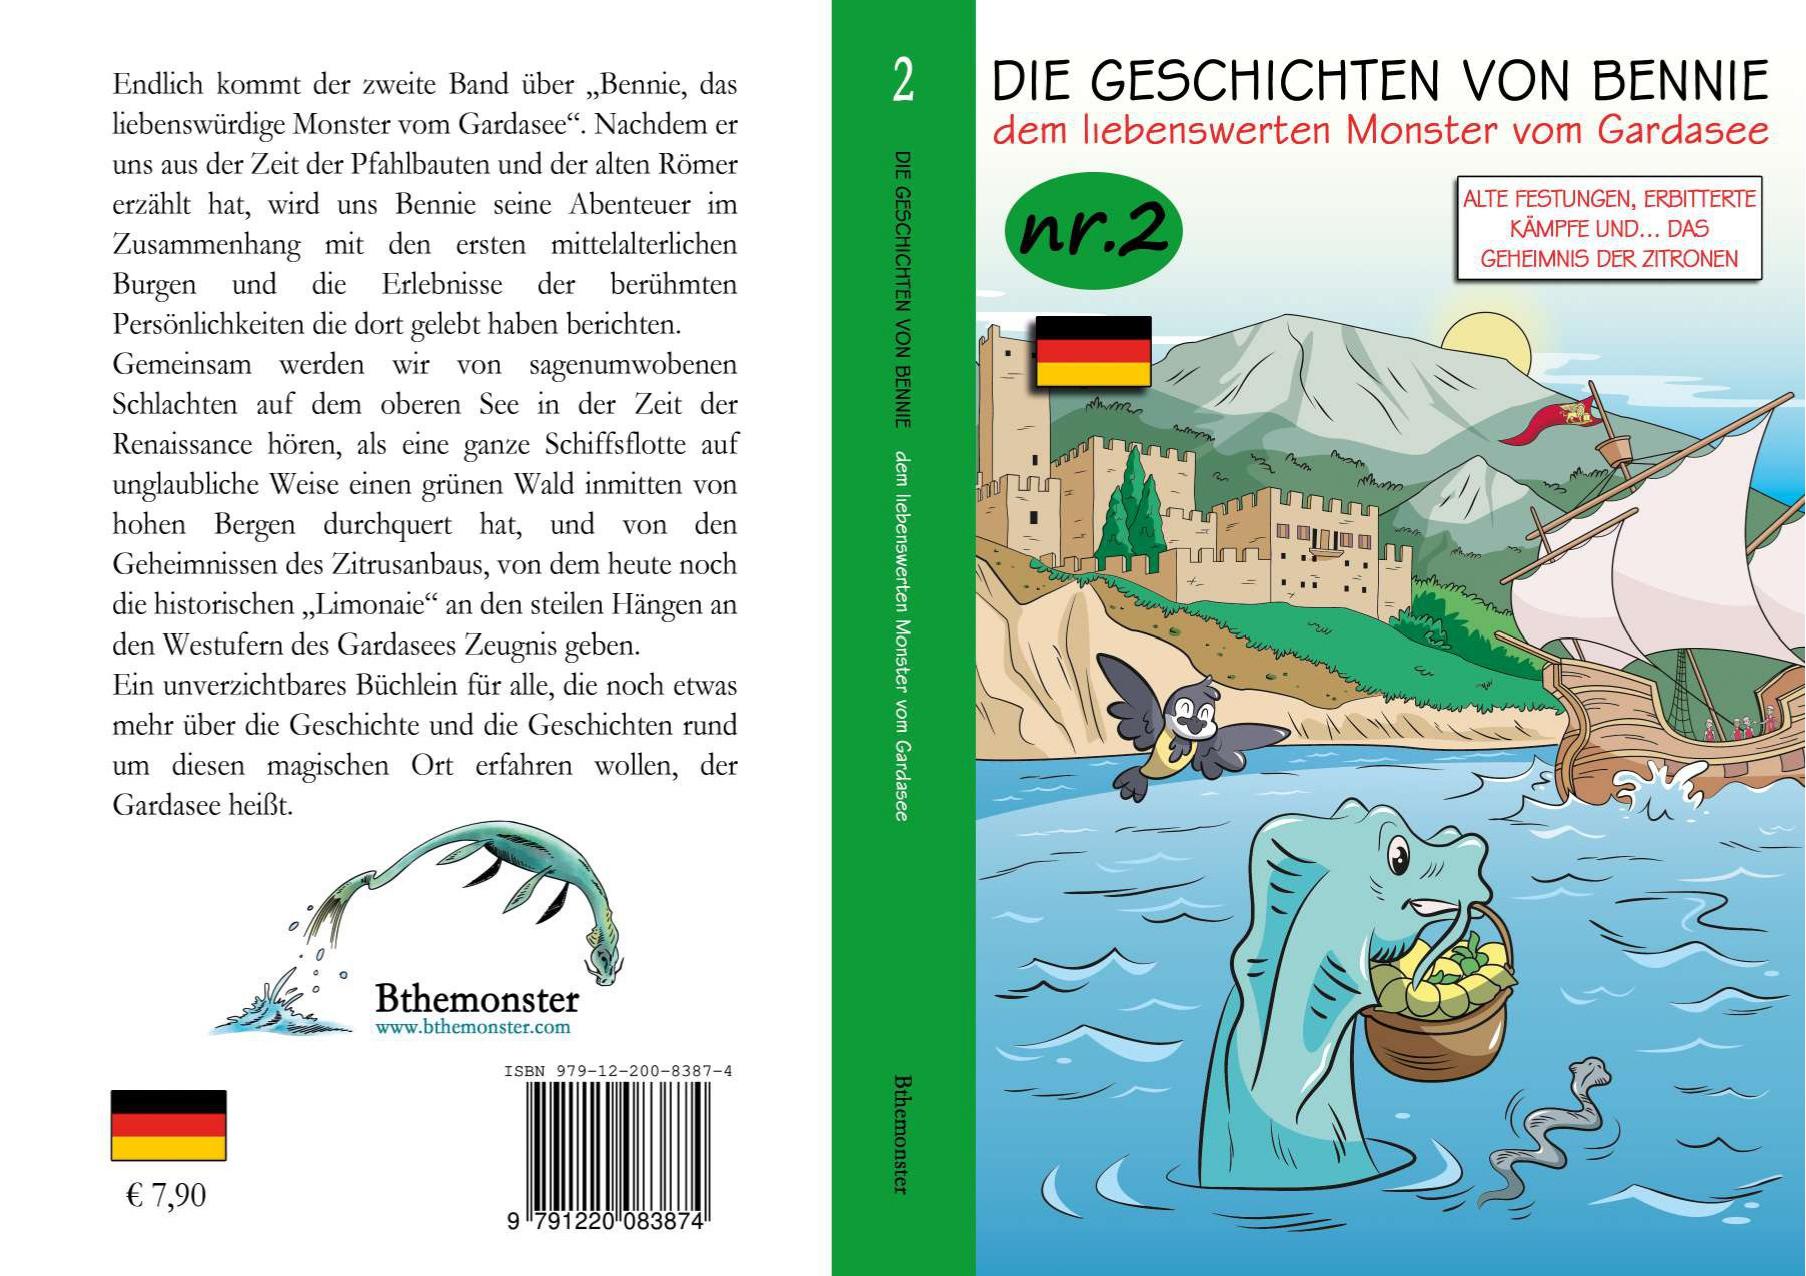 Libro di Bennie N.2 in Tedesco - Bthemonster.com